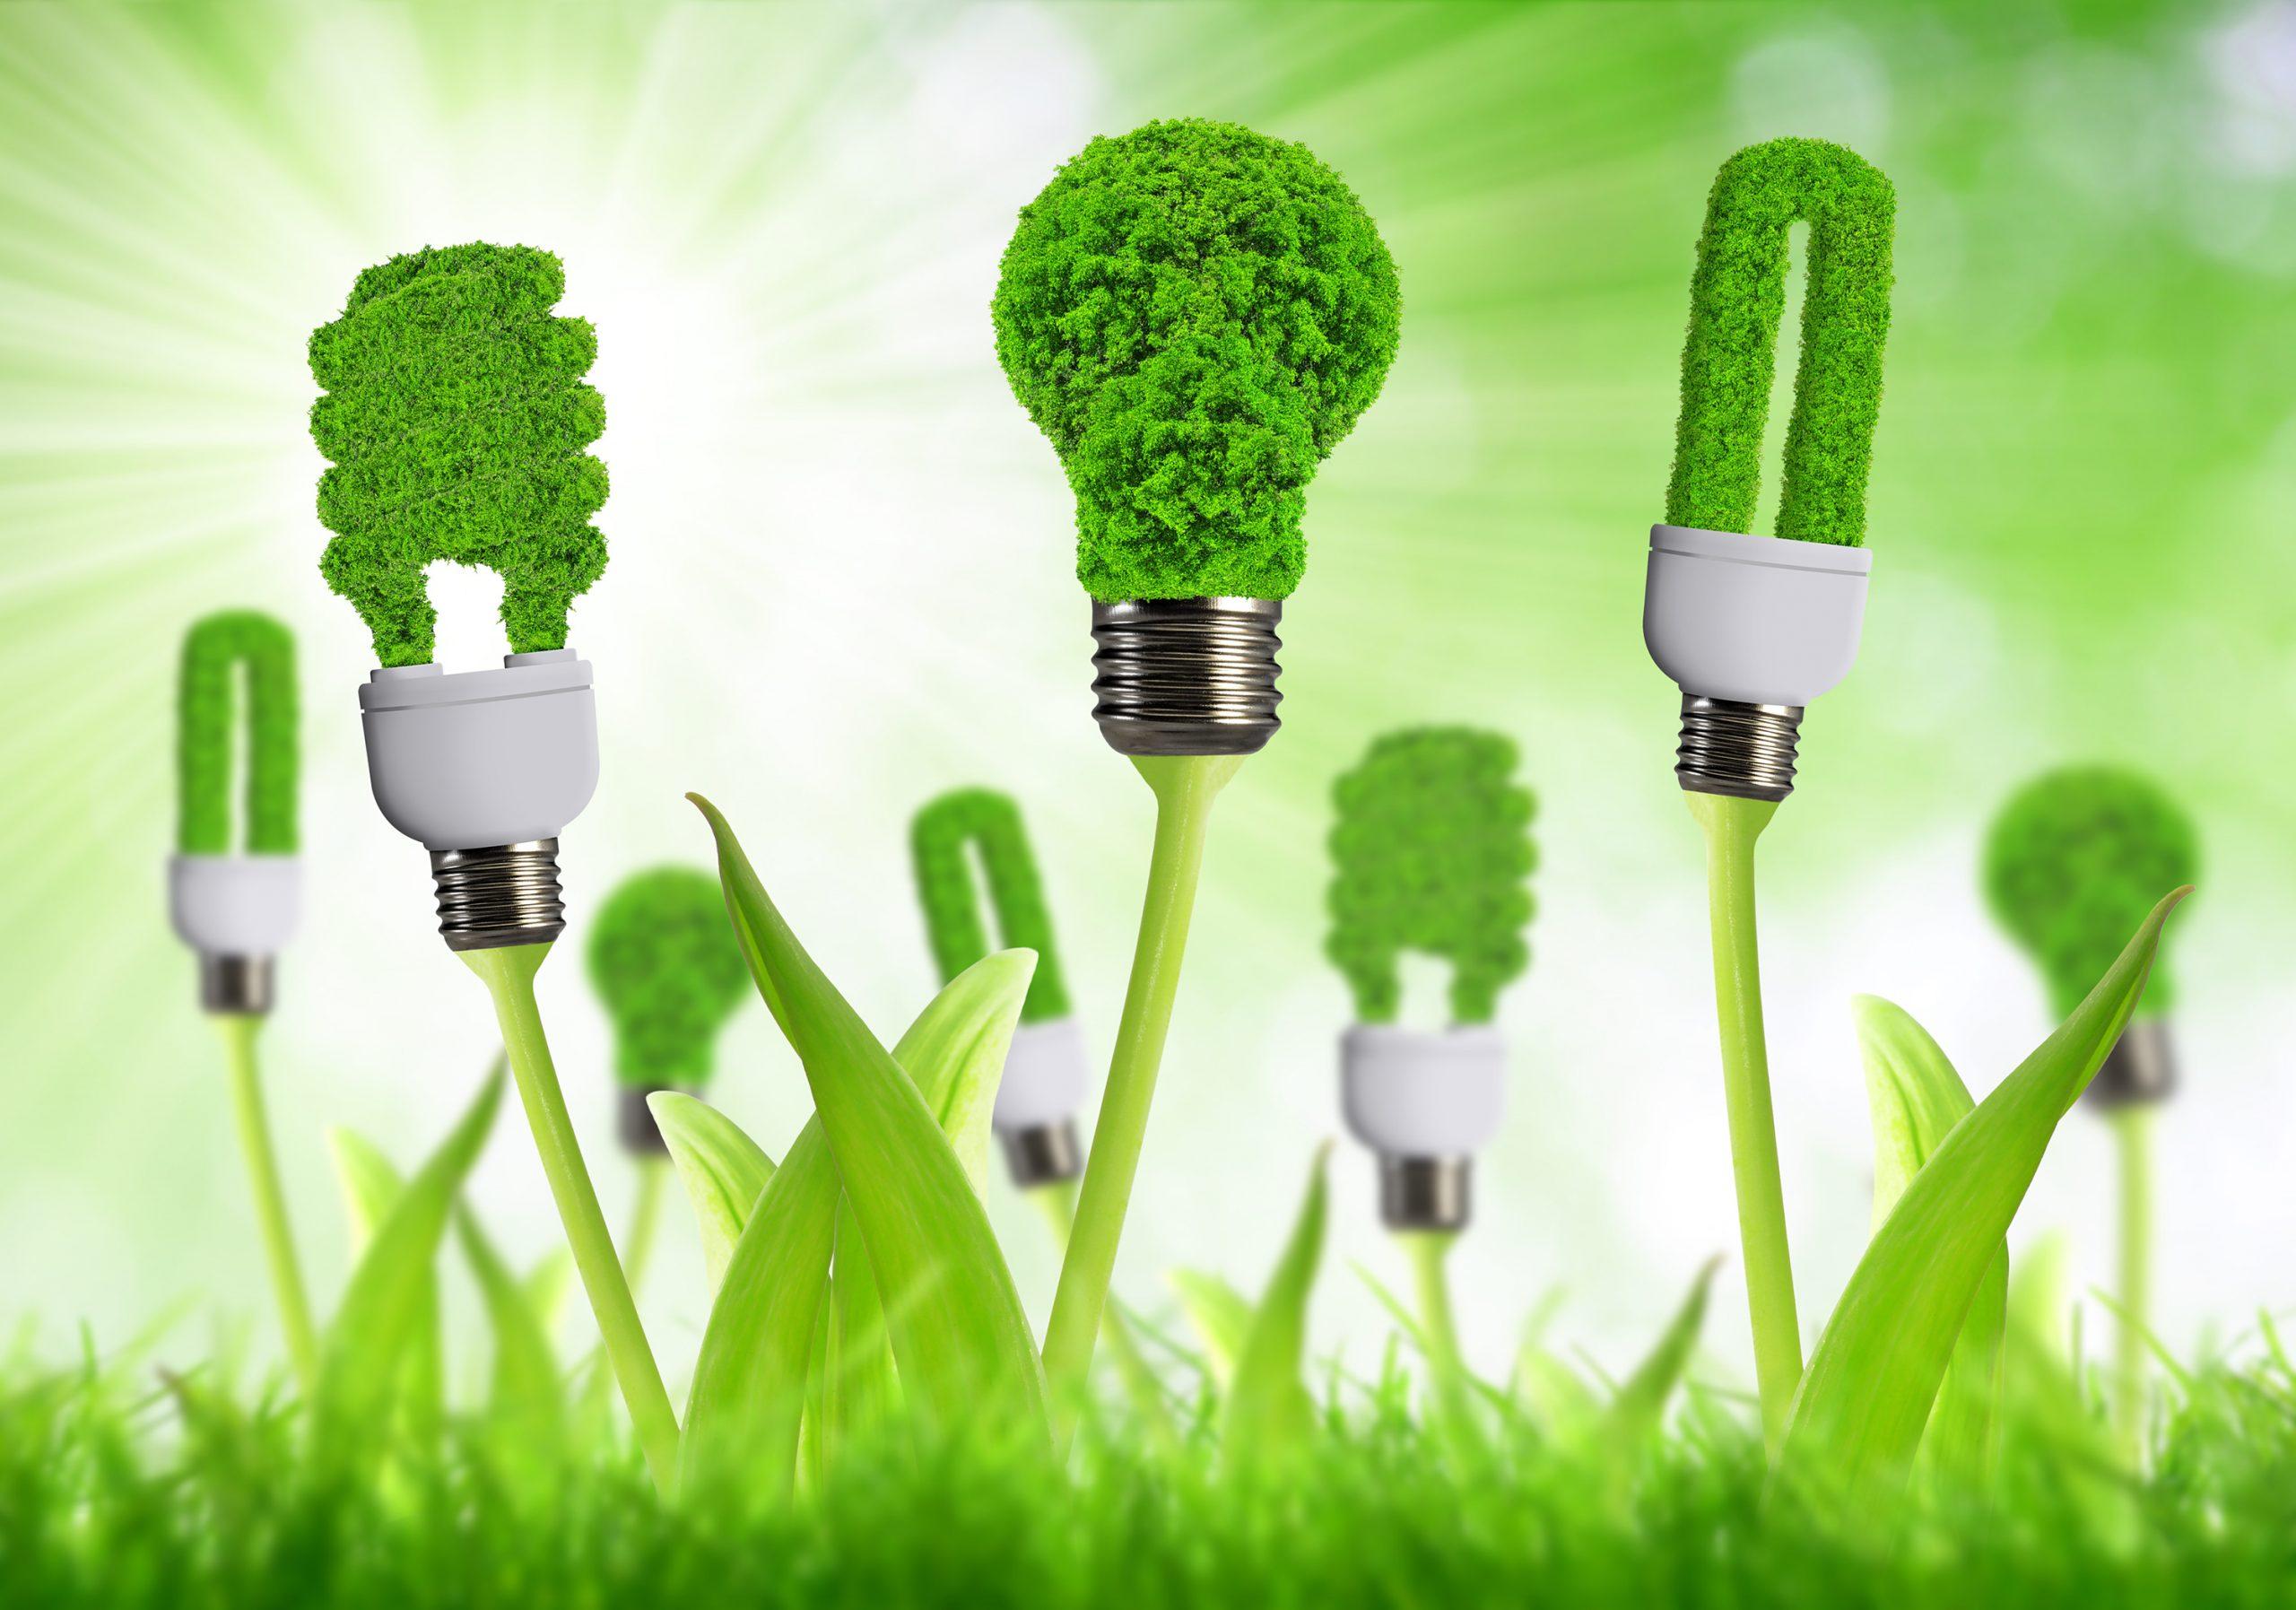 eco energy bulbs